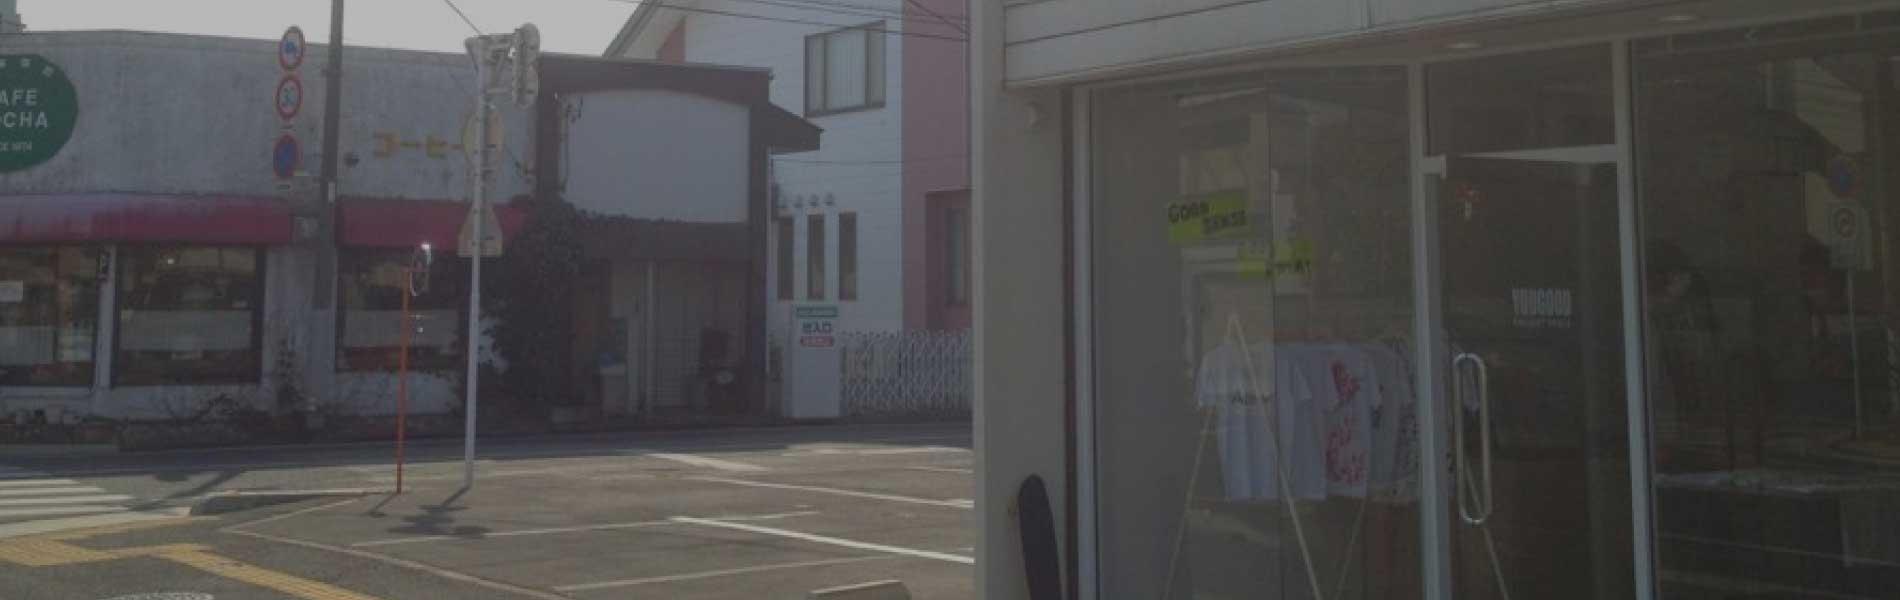 街の小さな広告舎